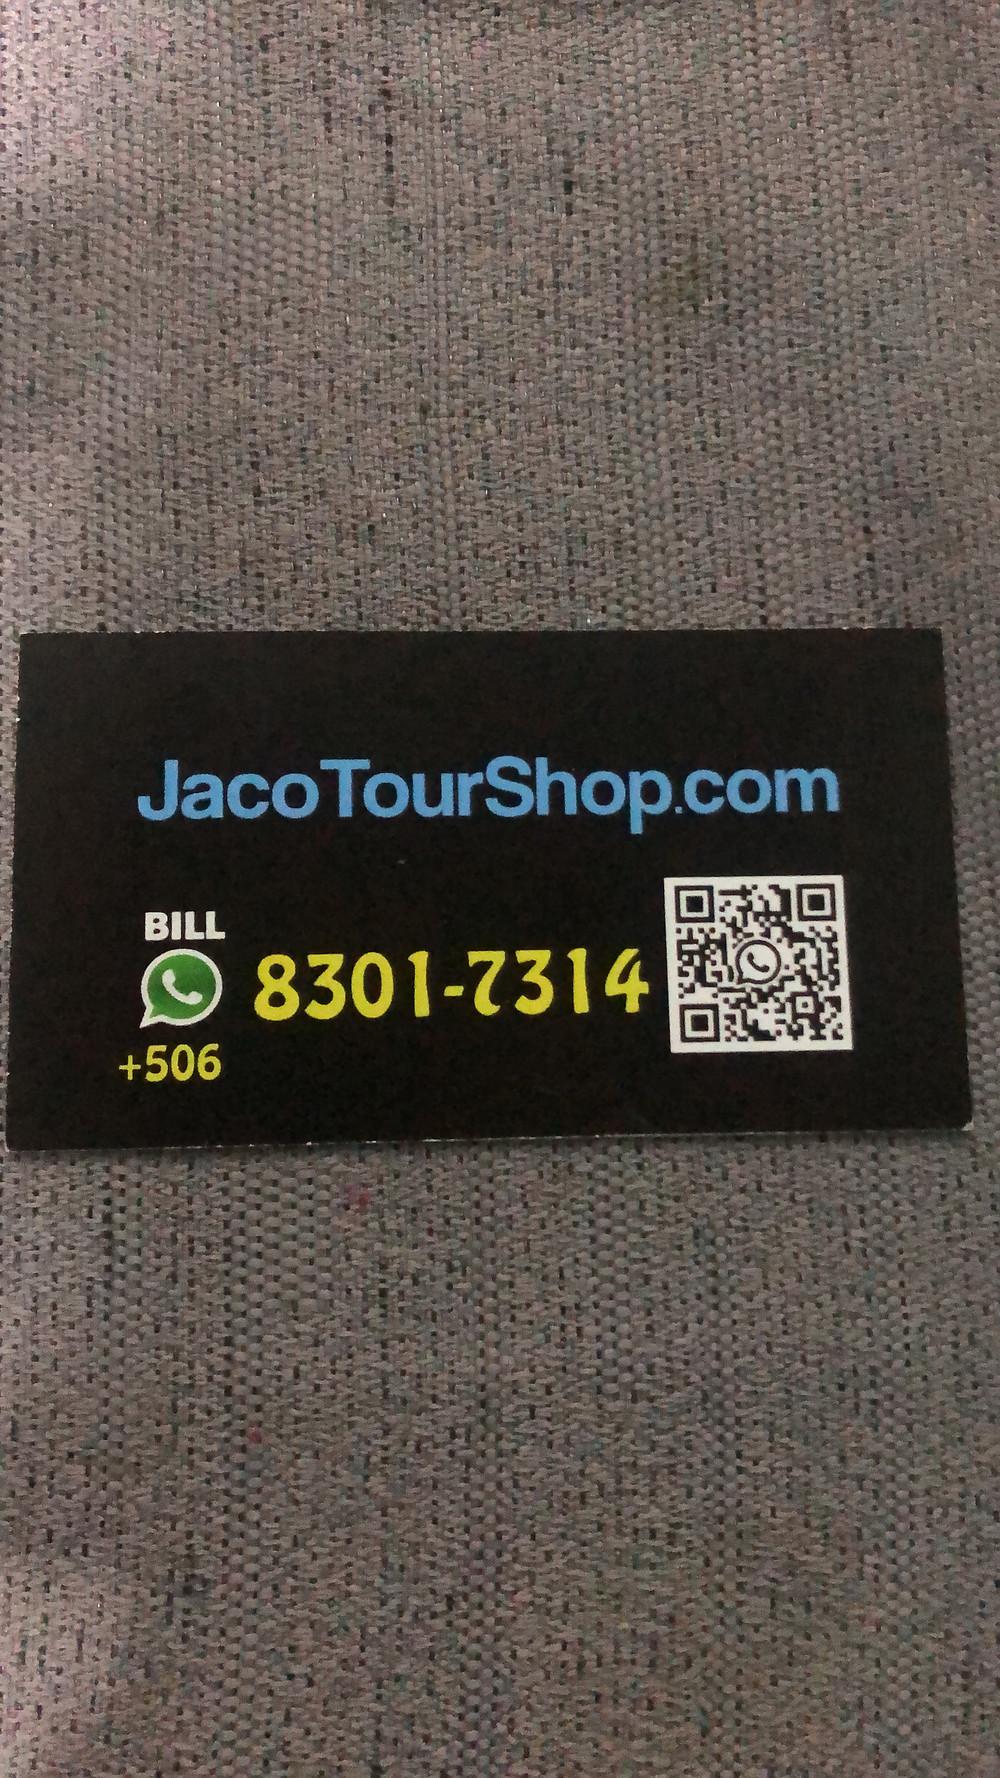 Contact Information for JacoTourShop.com